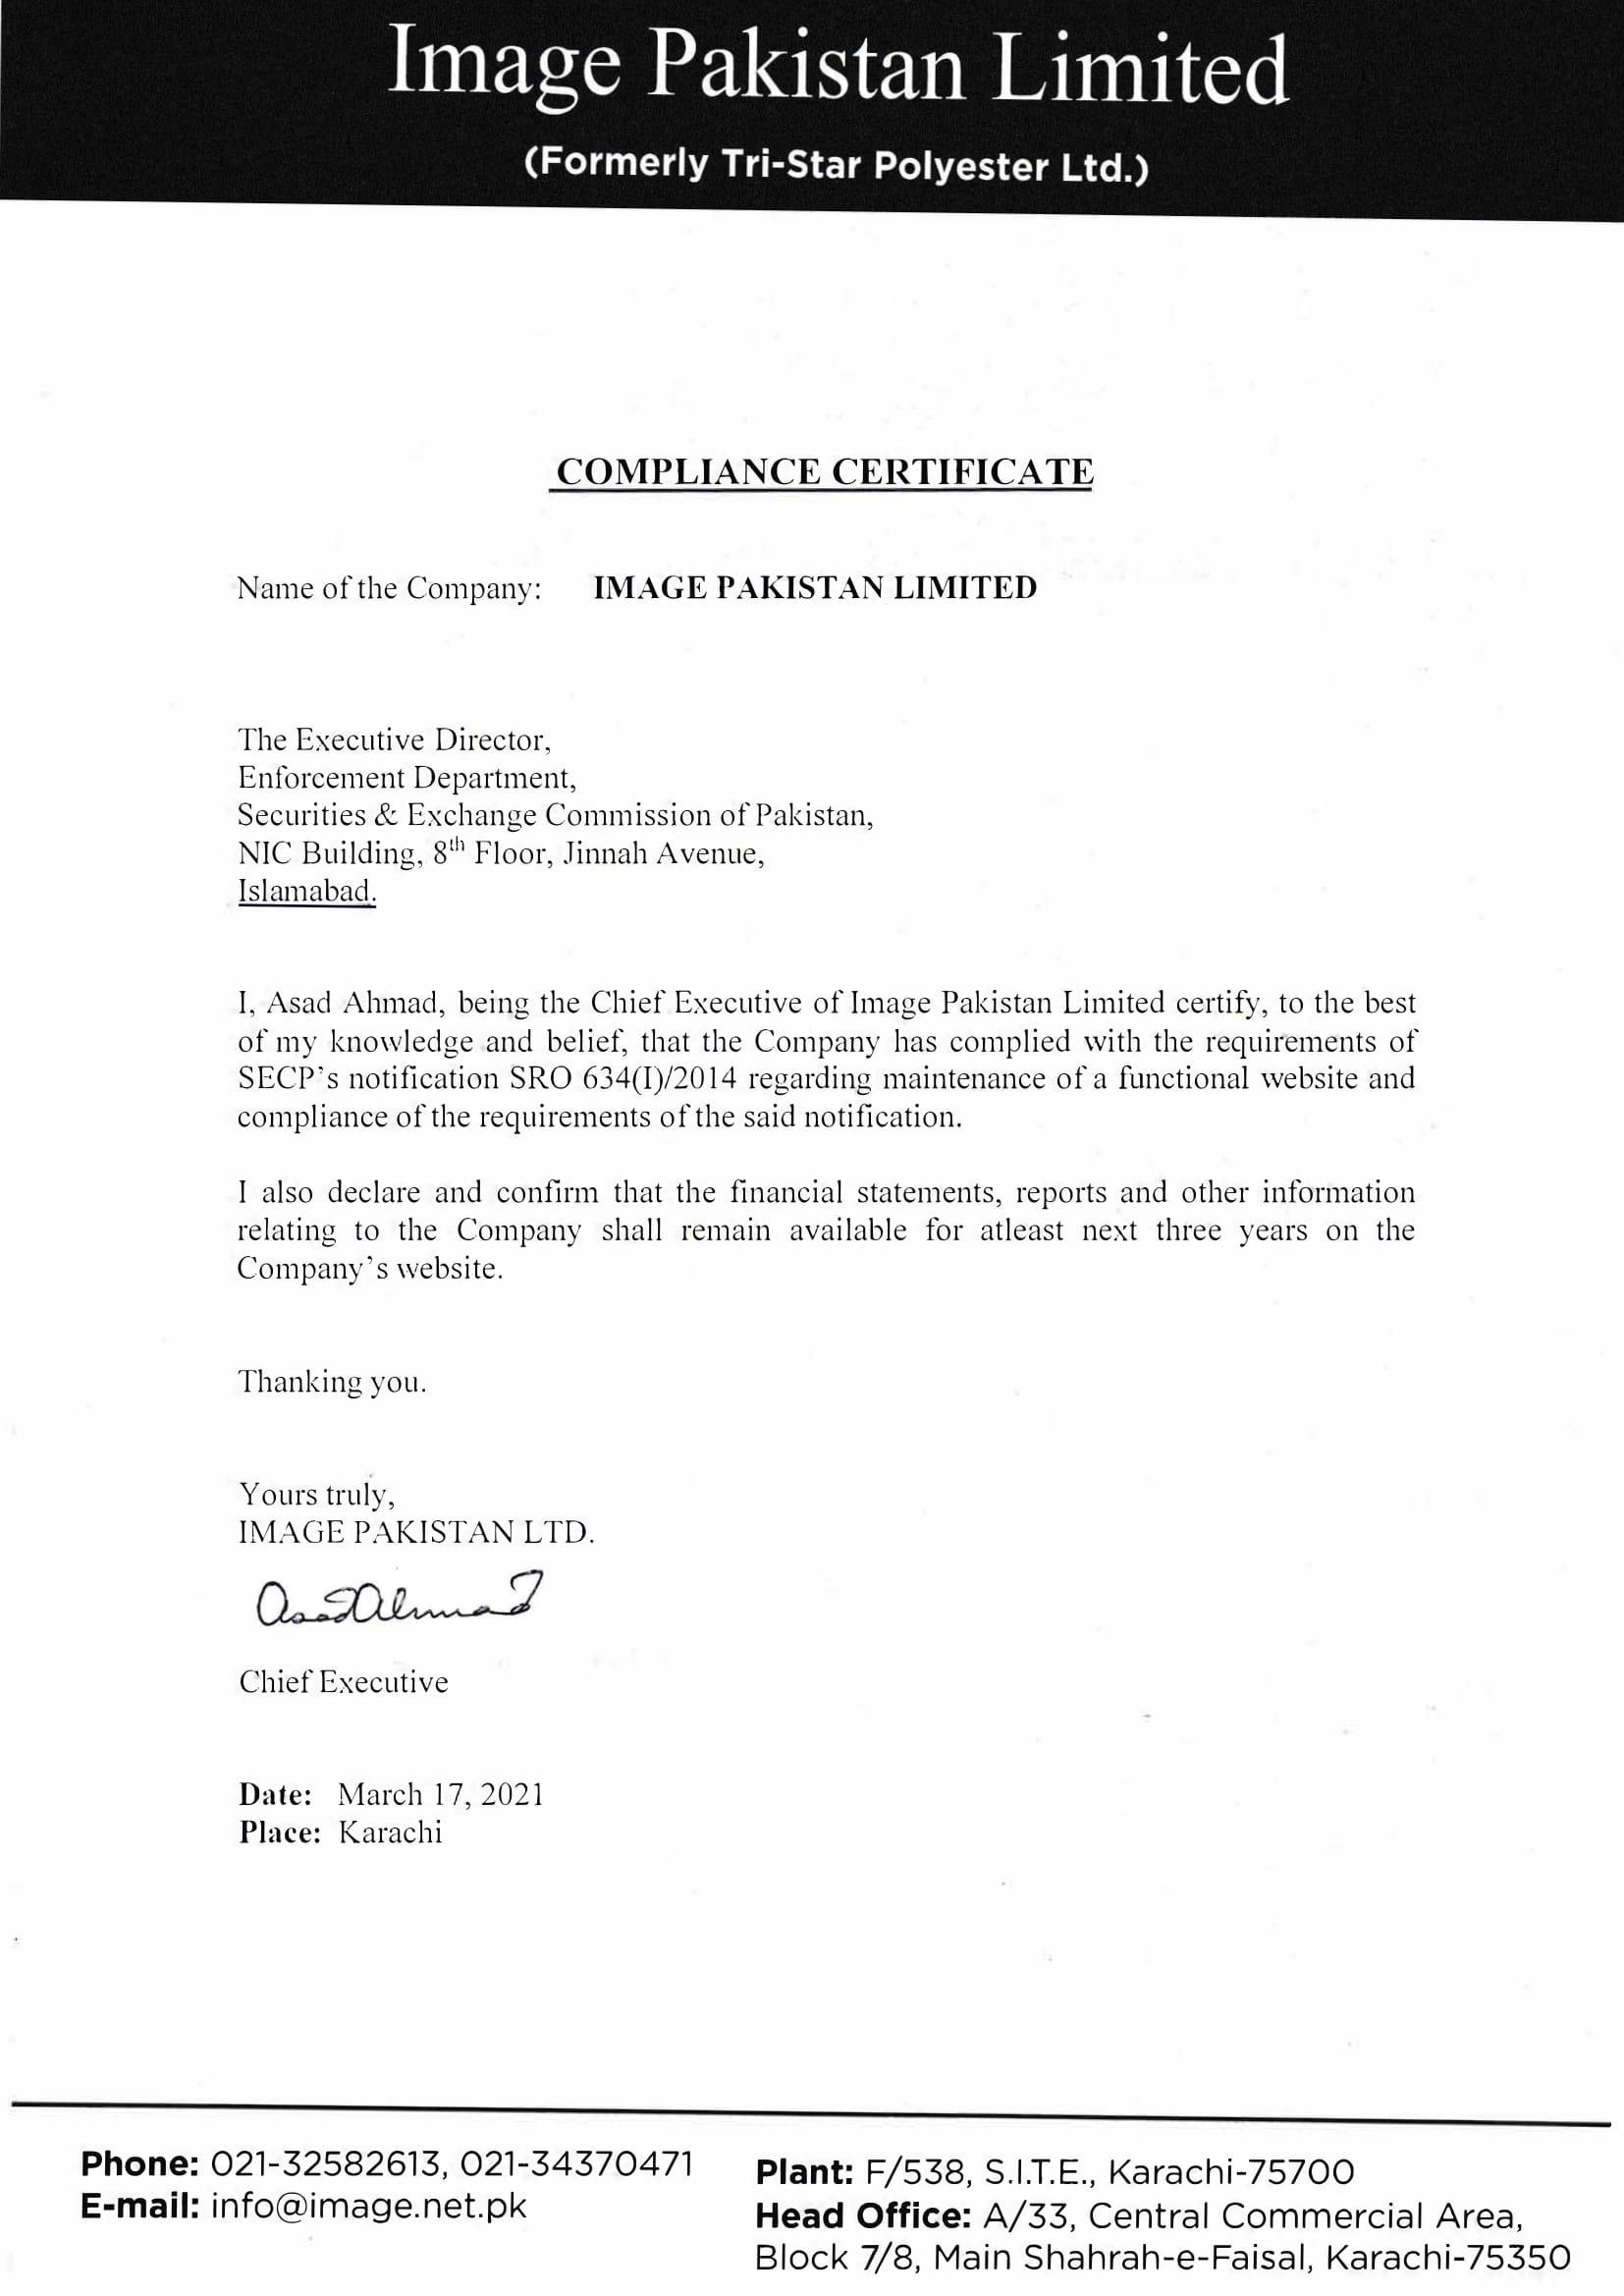 Compliance Certificate 2021